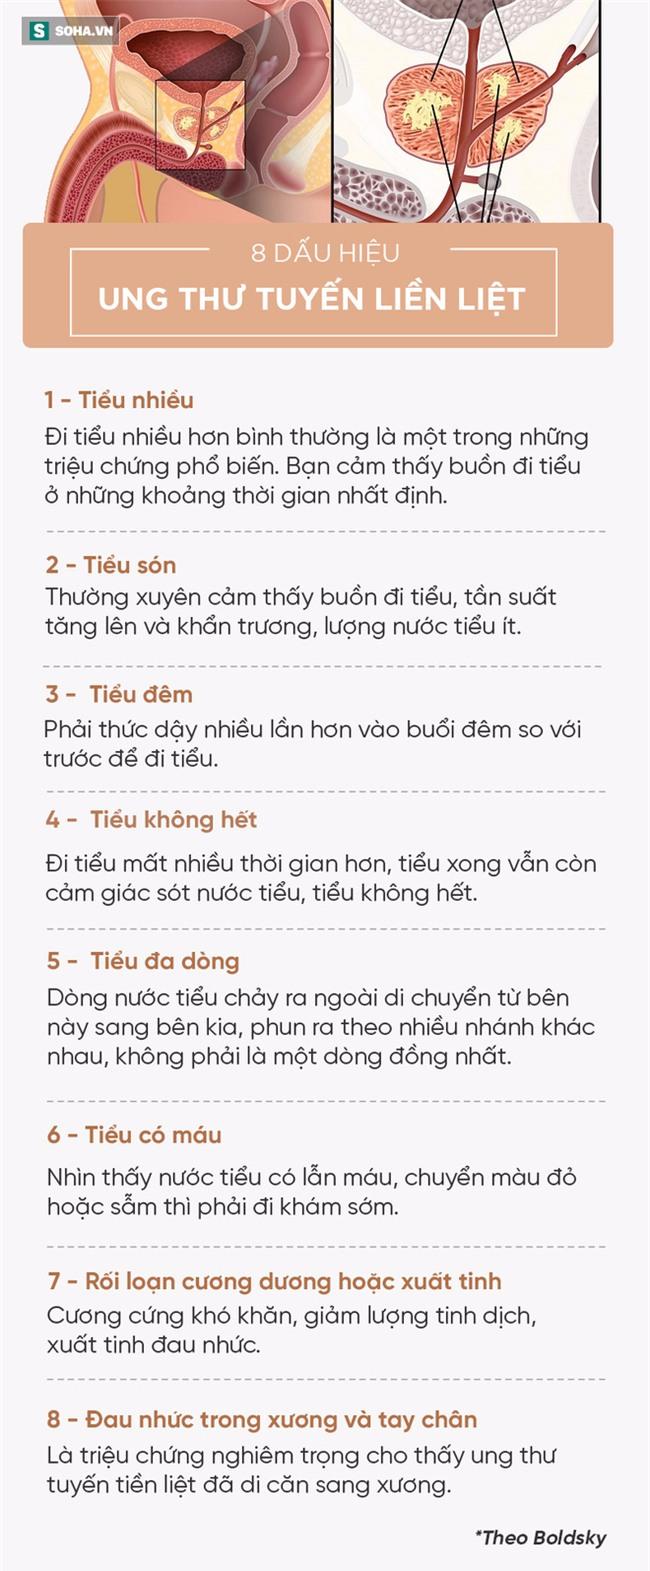 [Đọc nhanh] 8 dấu hiệu cảnh báo ung thư tuyến tiền liệt, mọi quý ông đều nên đề phòng - Ảnh 2.